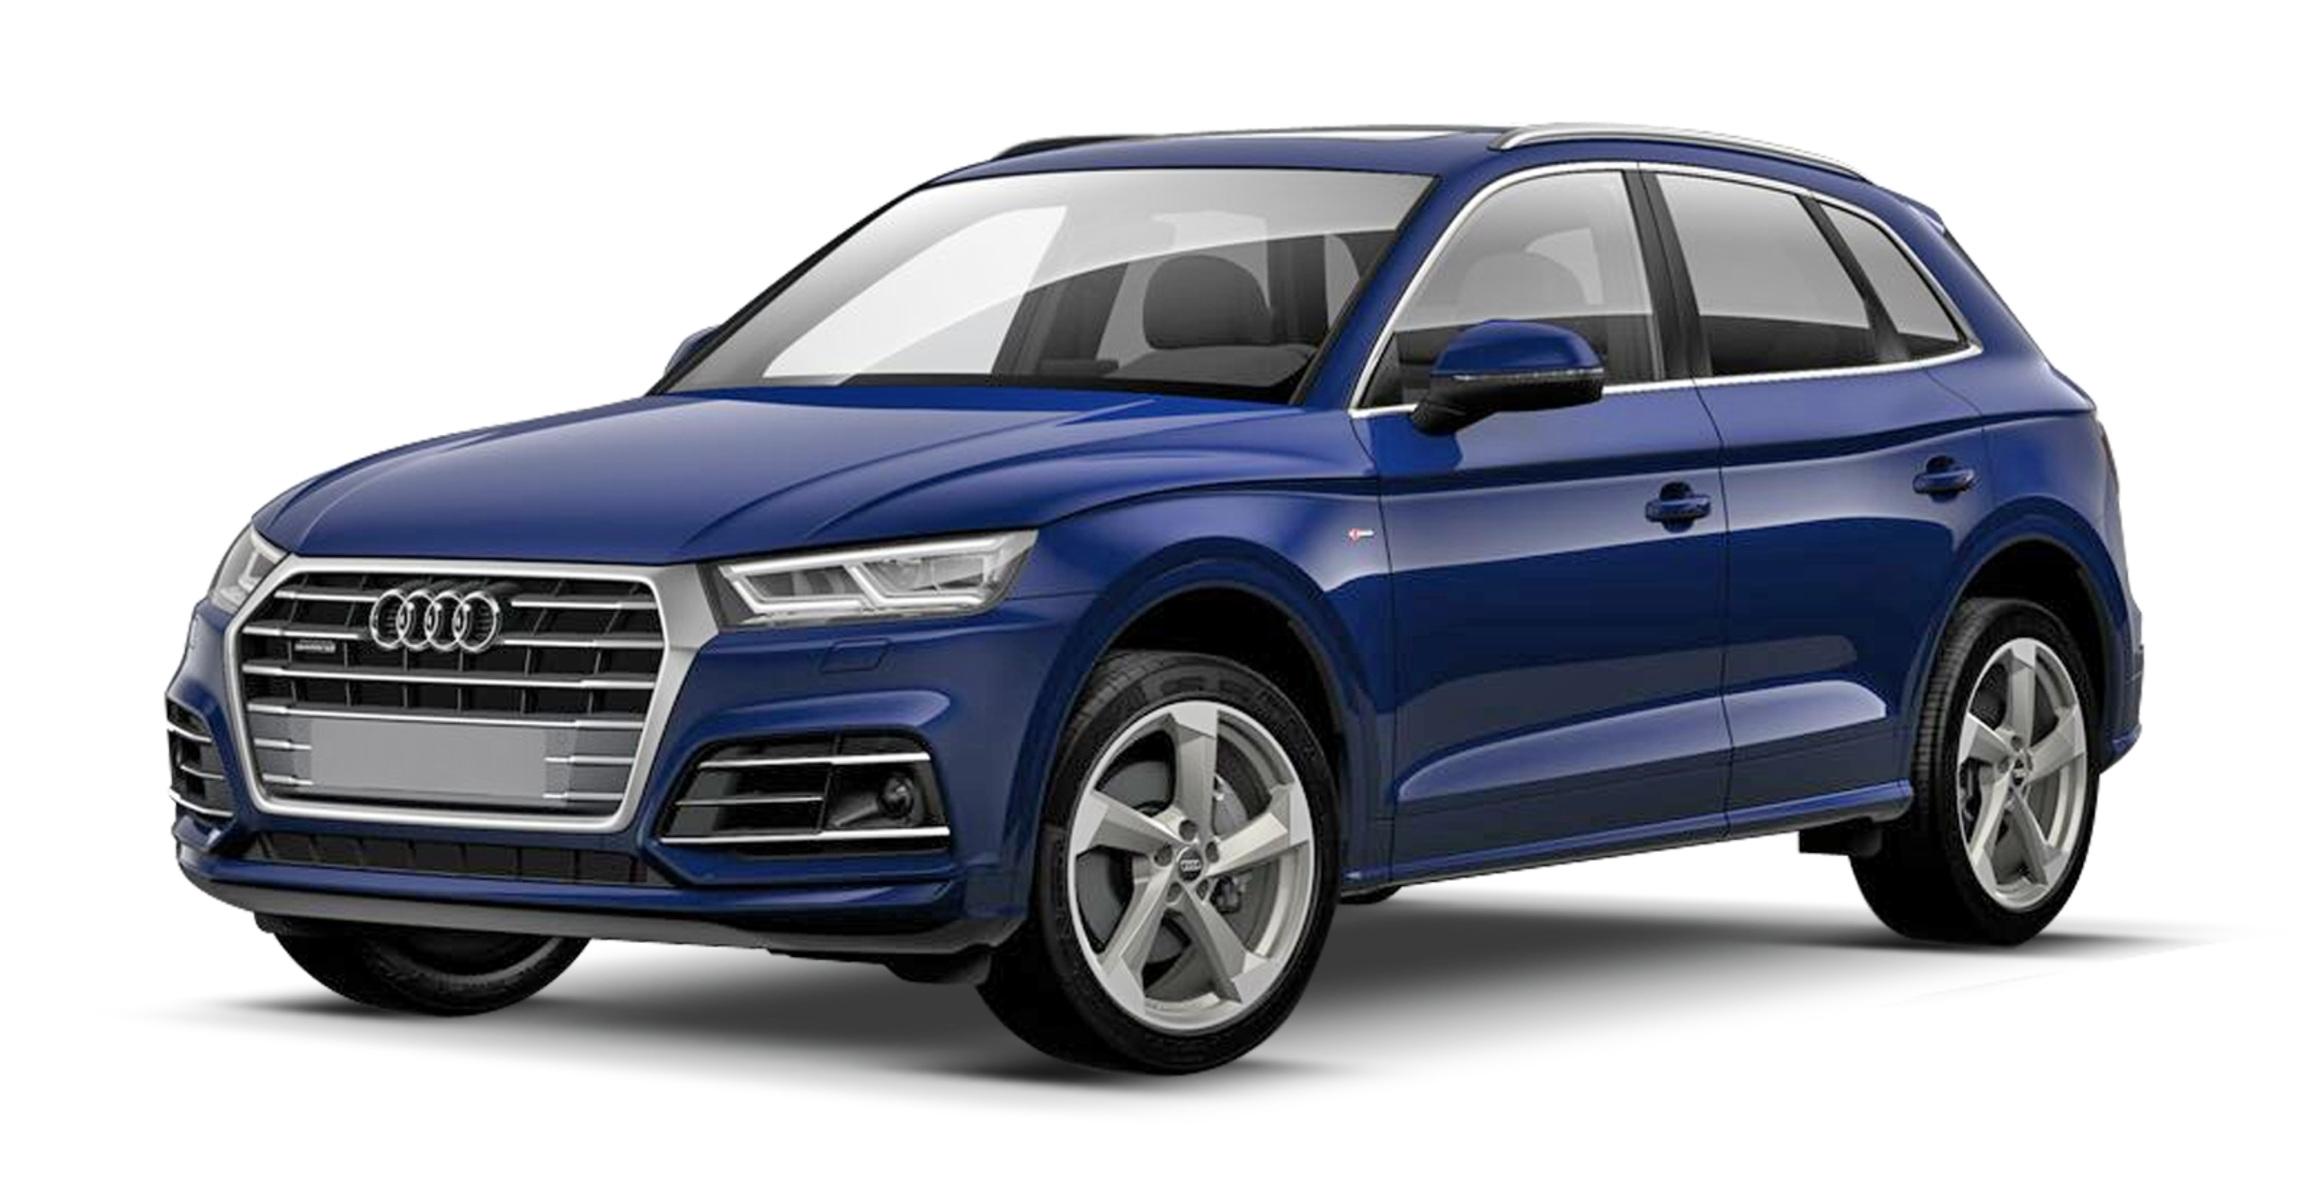 Listino Audi Q5 Prezzo Scheda Tecnica Consumi Foto